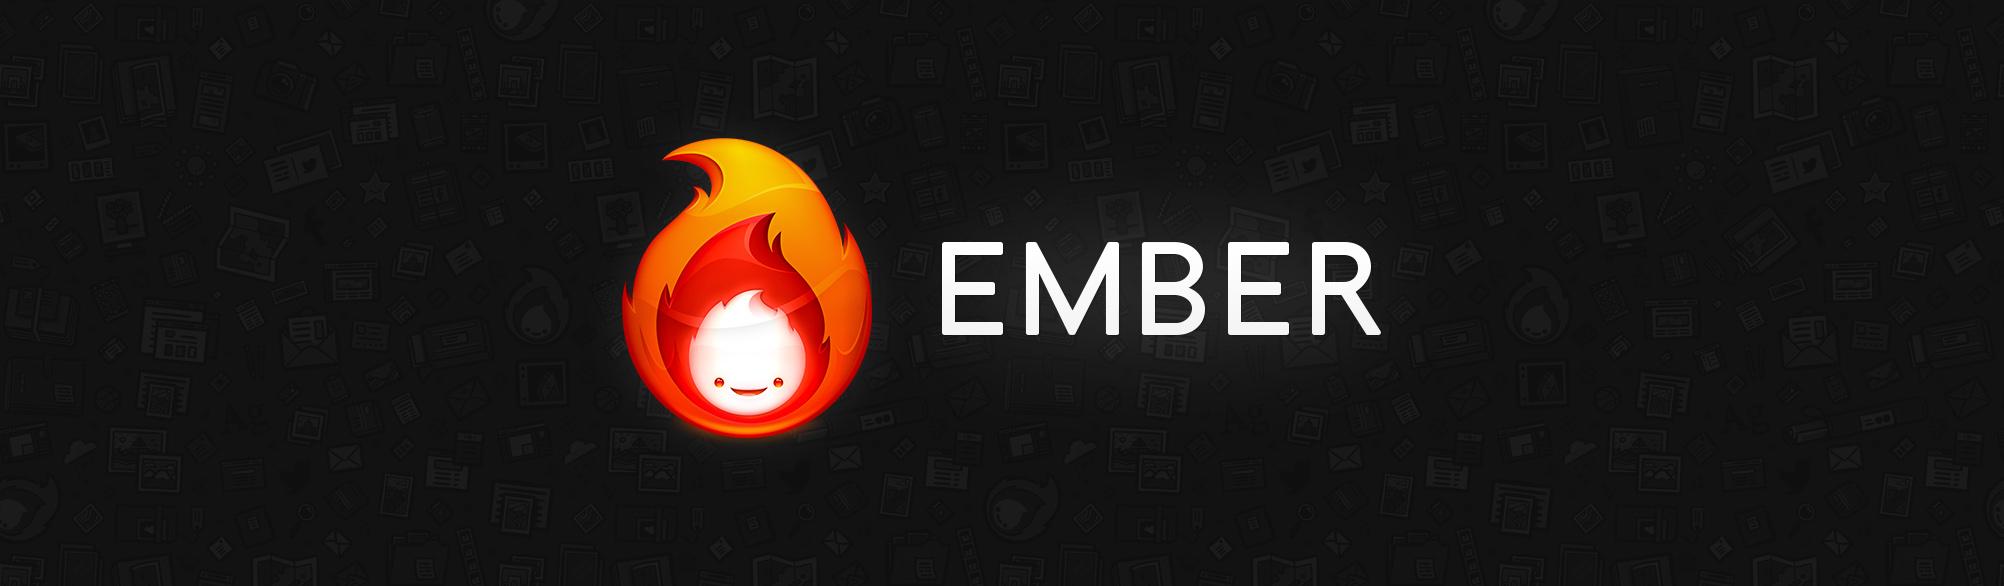 Ember Banner